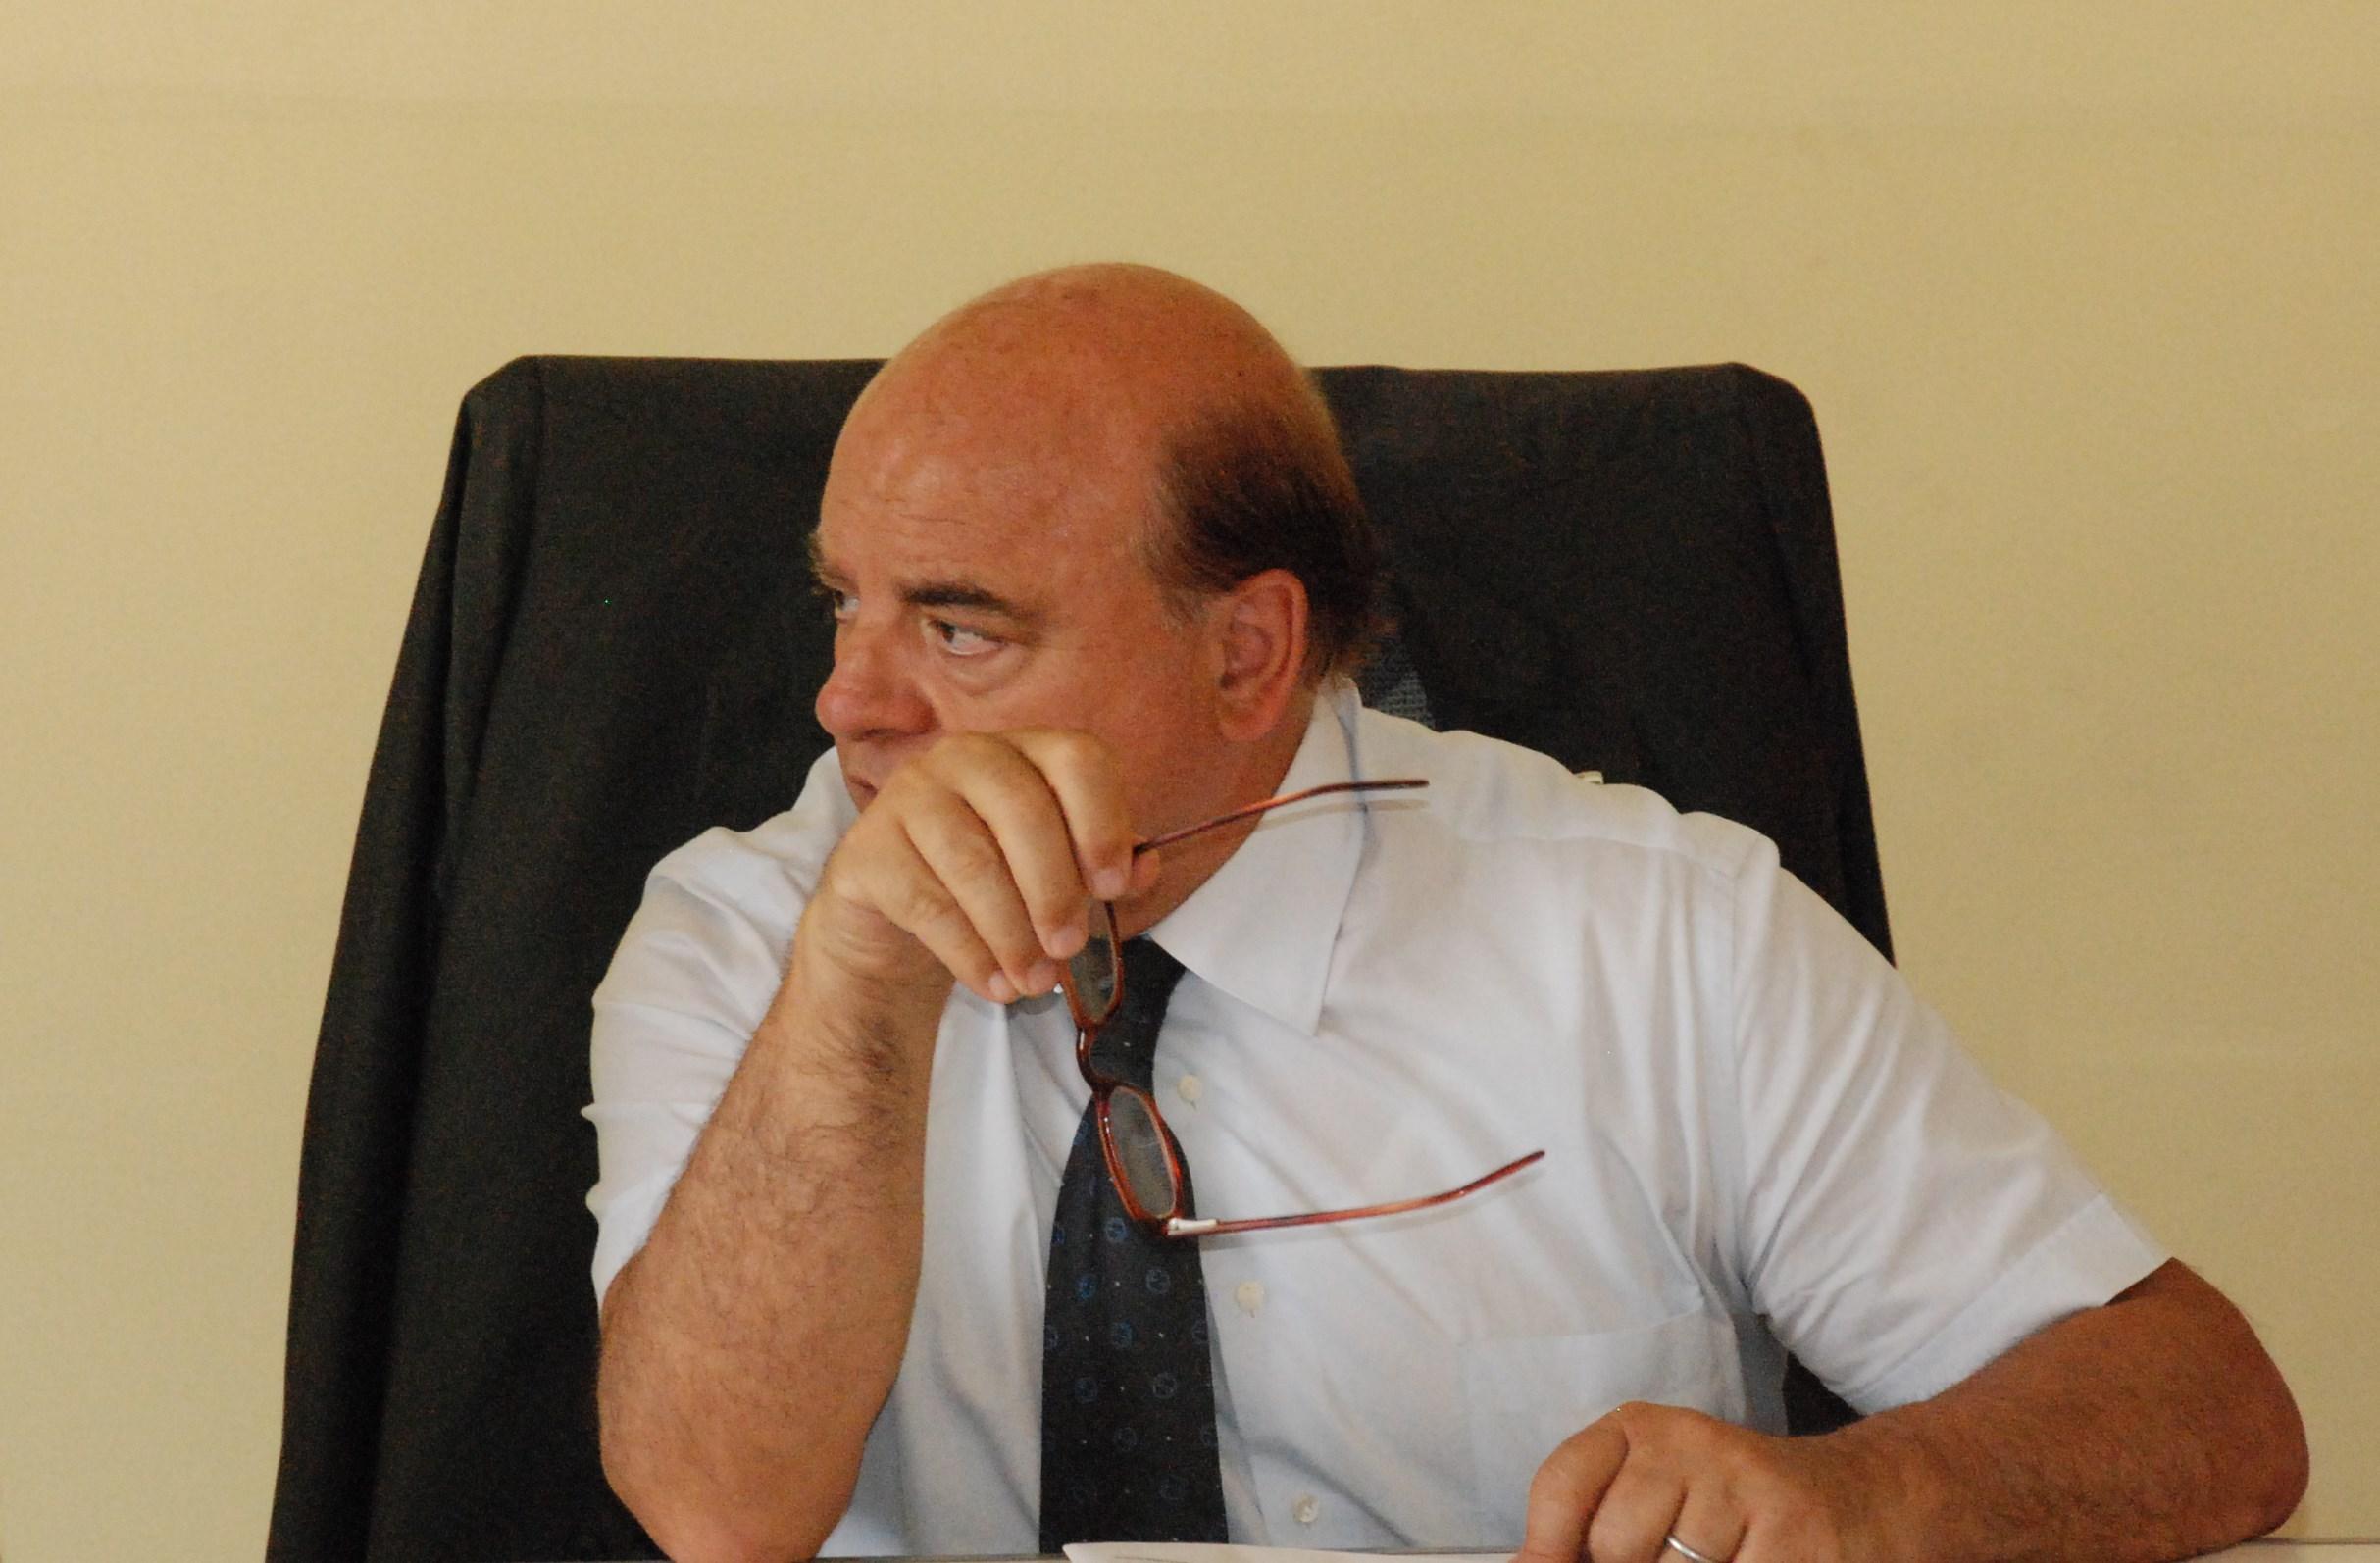 Il presidente dell'Avellino Taccone insorge contro l'abulia dei tifosi irpini